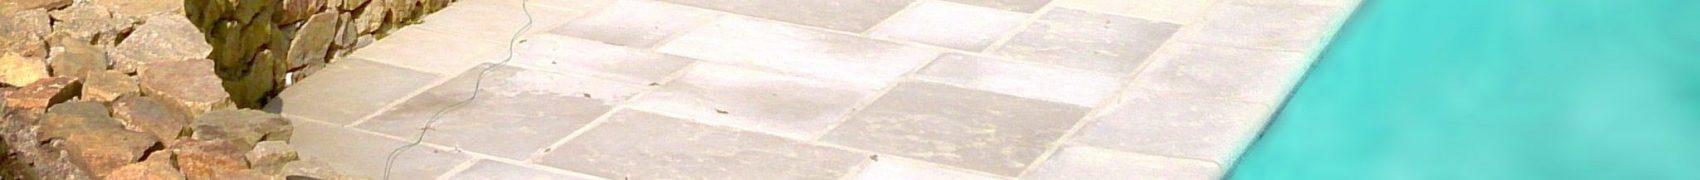 Terrassement-clôtures-bétons-sols LARVOR-maçonnerie-à-Lorient